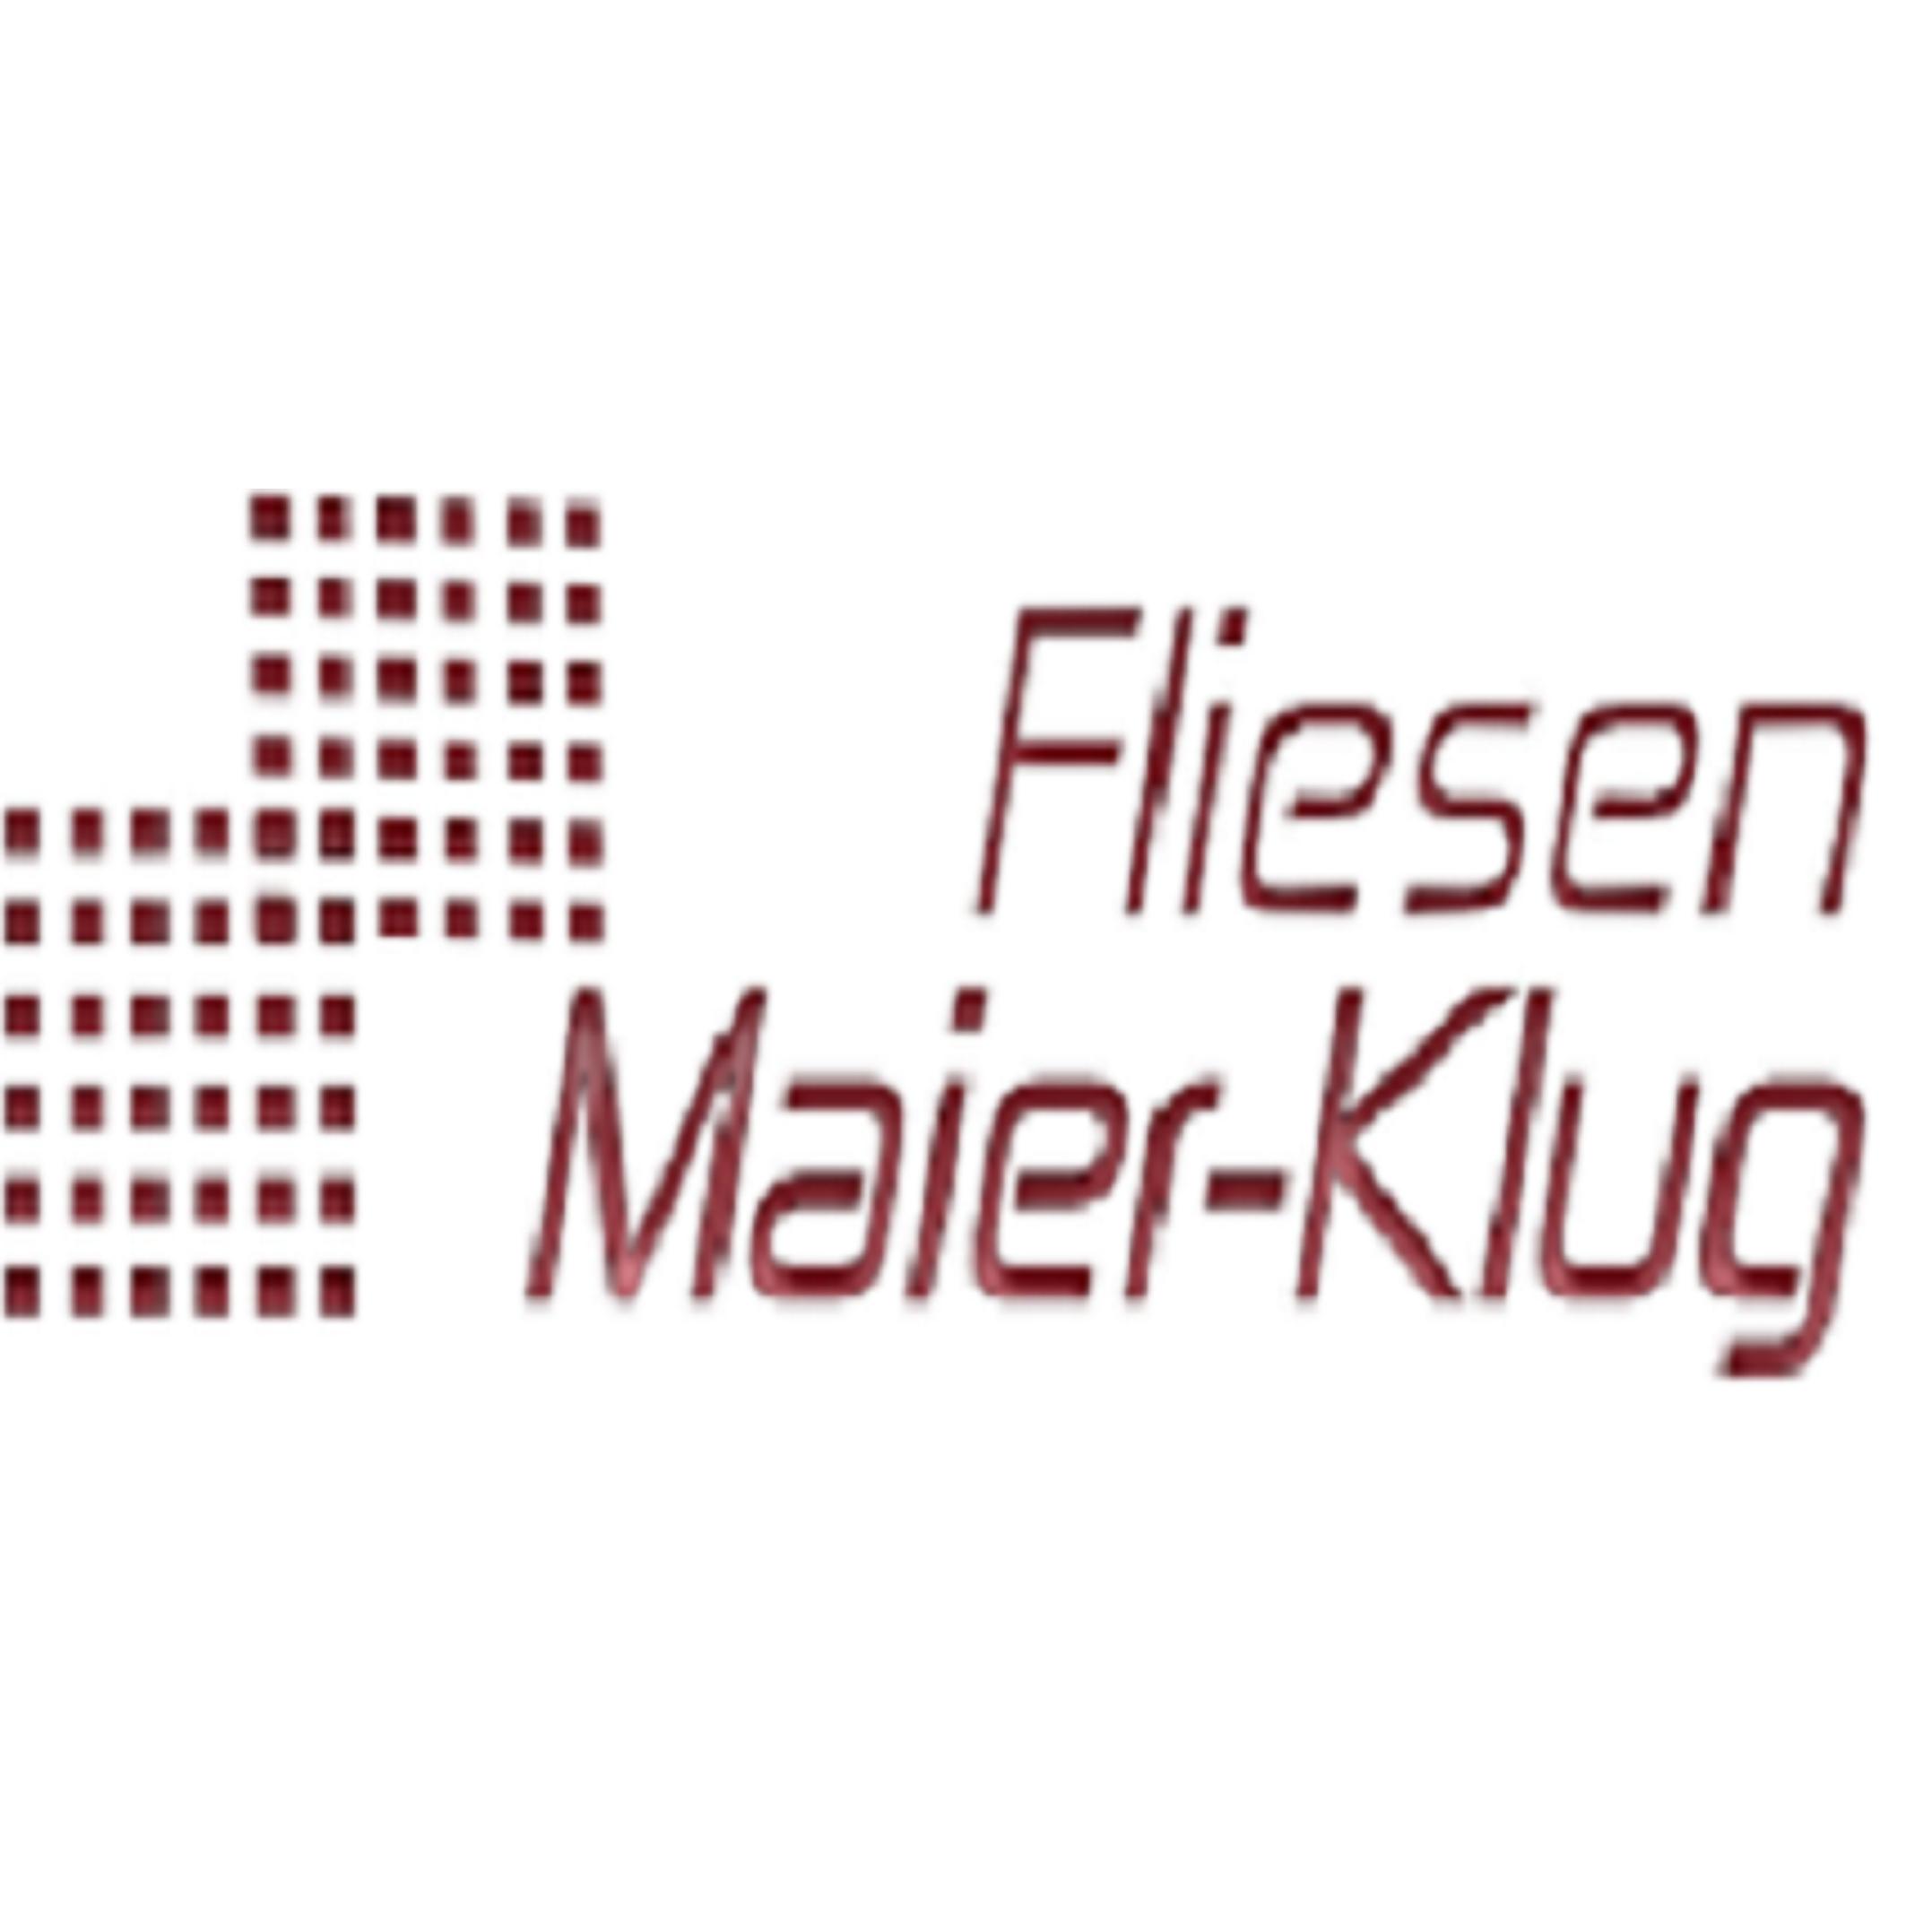 Bild zu Fliesen Maier-Klug in Ratingen